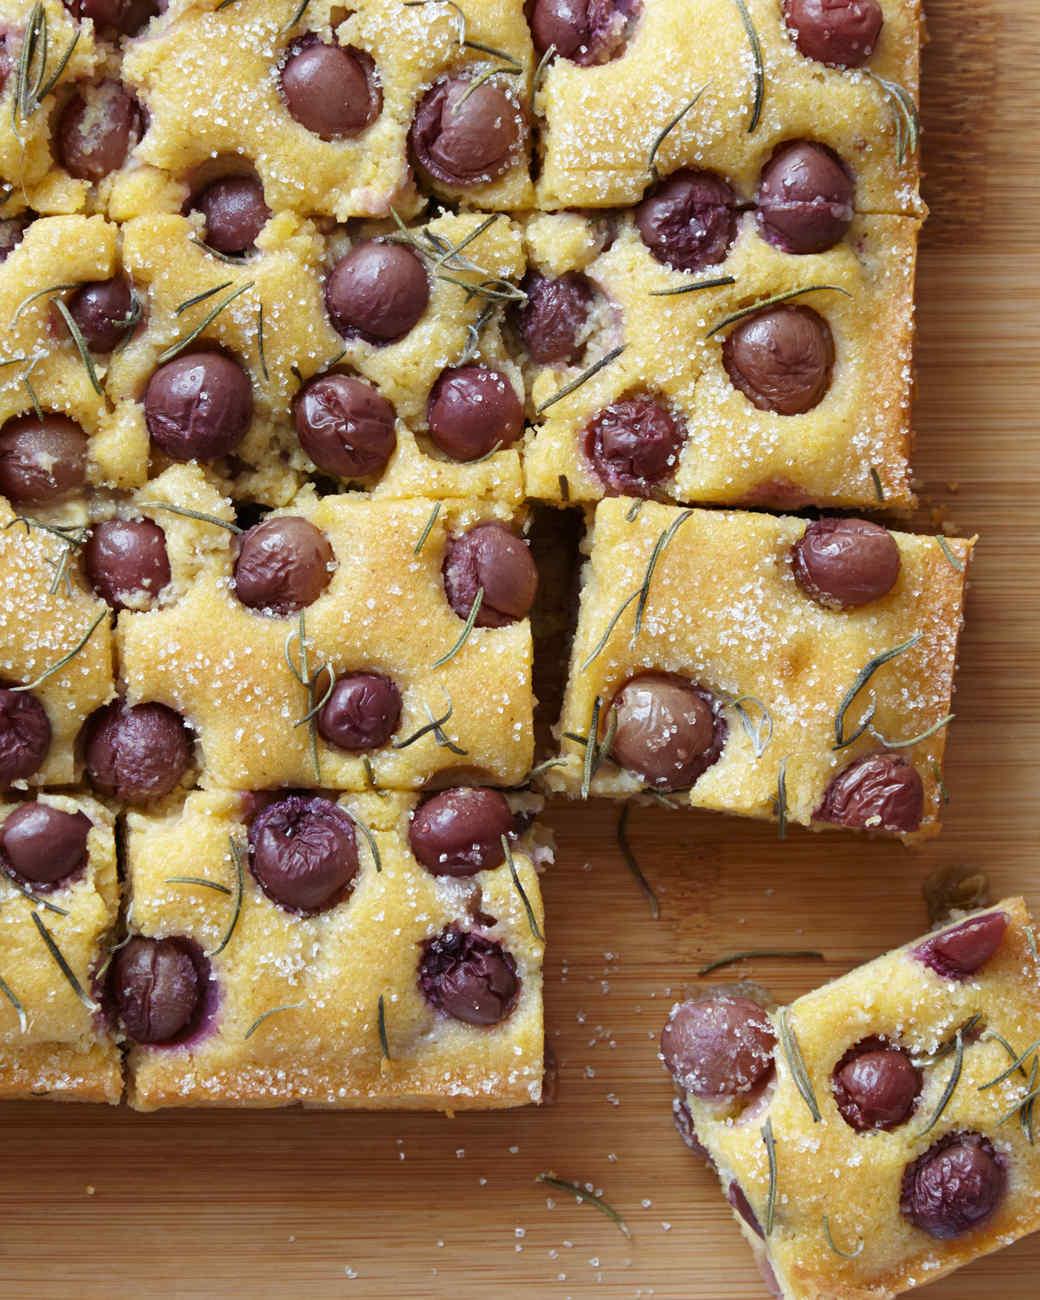 grape-cake-0418-d112370.jpg